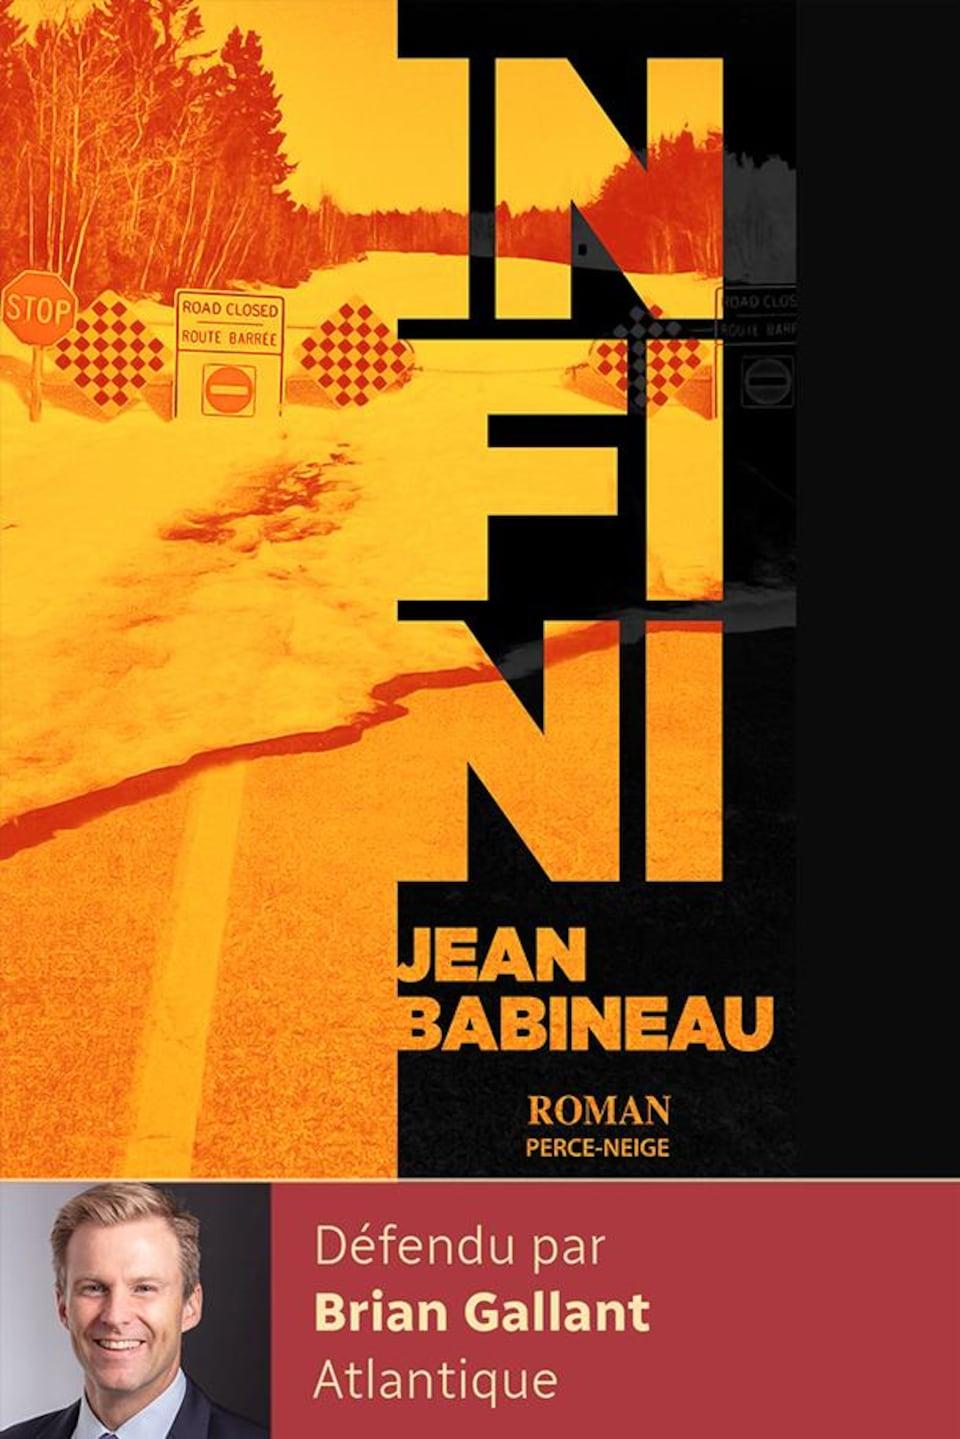 Couverture du livre Infini dans des tons orangés.